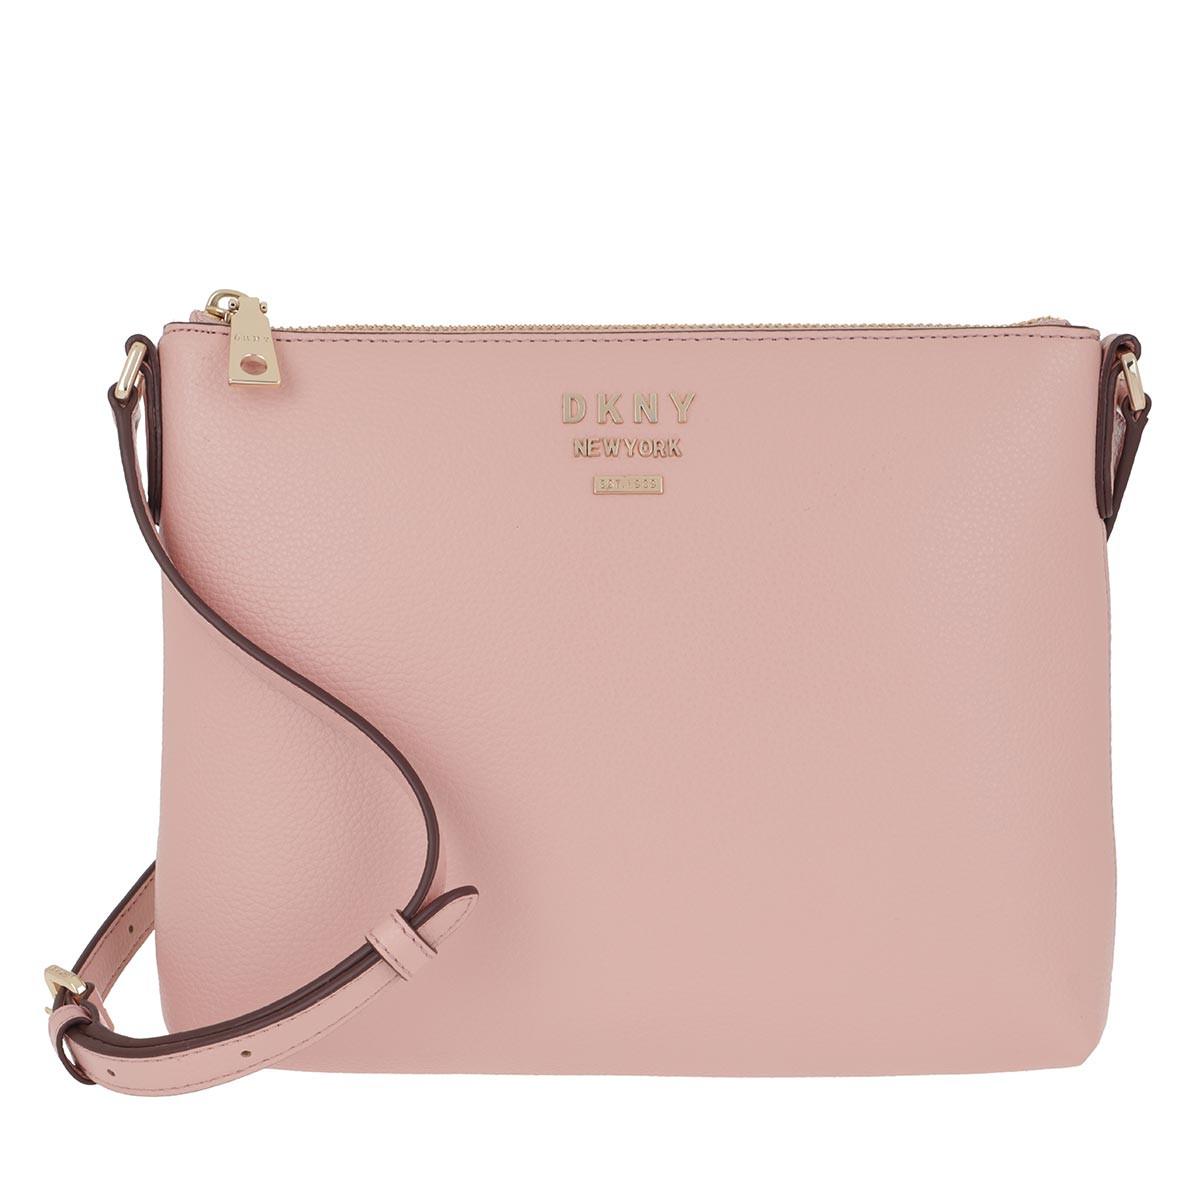 DKNY Umhängetasche - Whitney Flat Crossbody Bag Cashmere - in rosa - für Damen